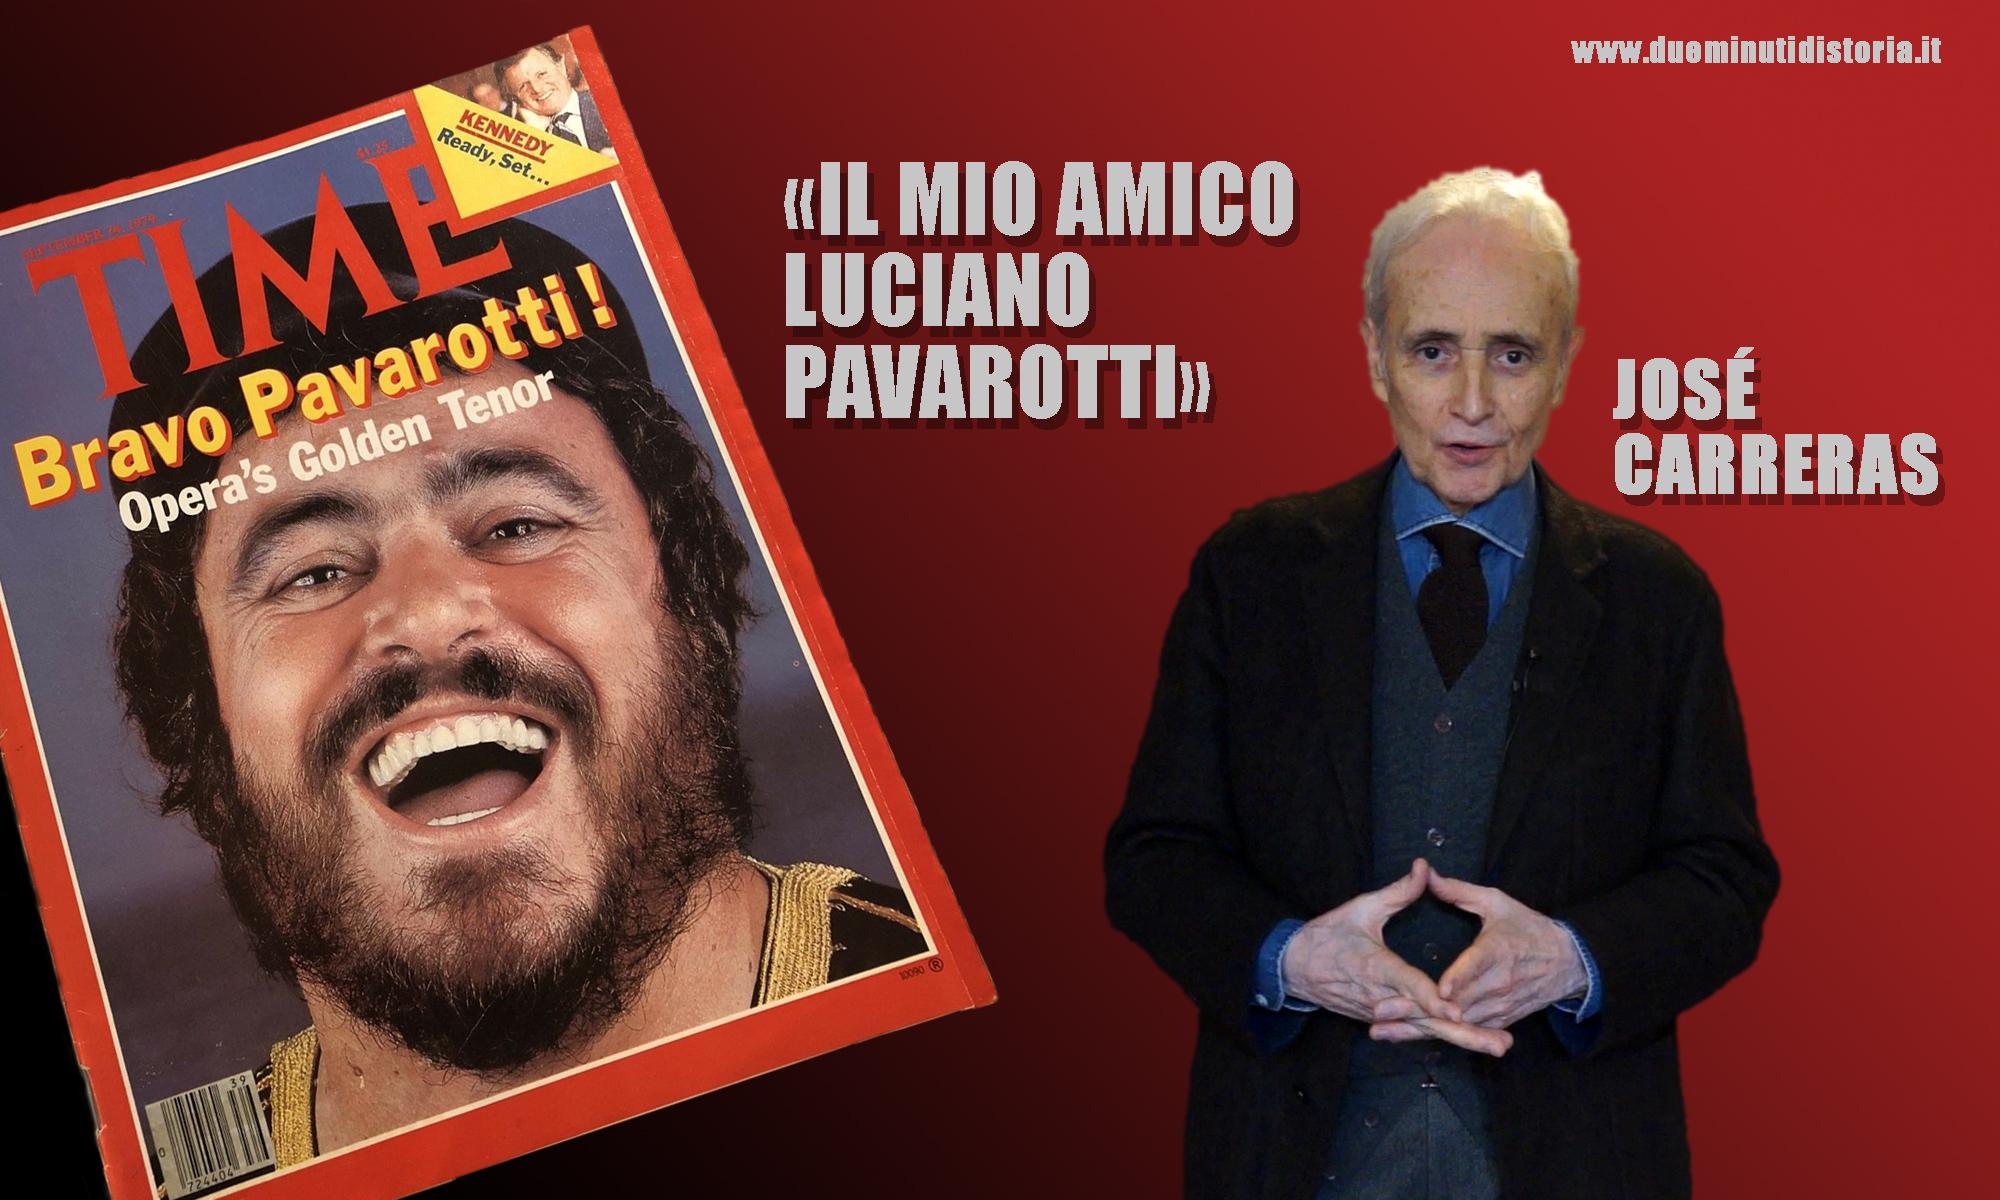 José Carreras: «Il mio amico Luciano Pavarotti»